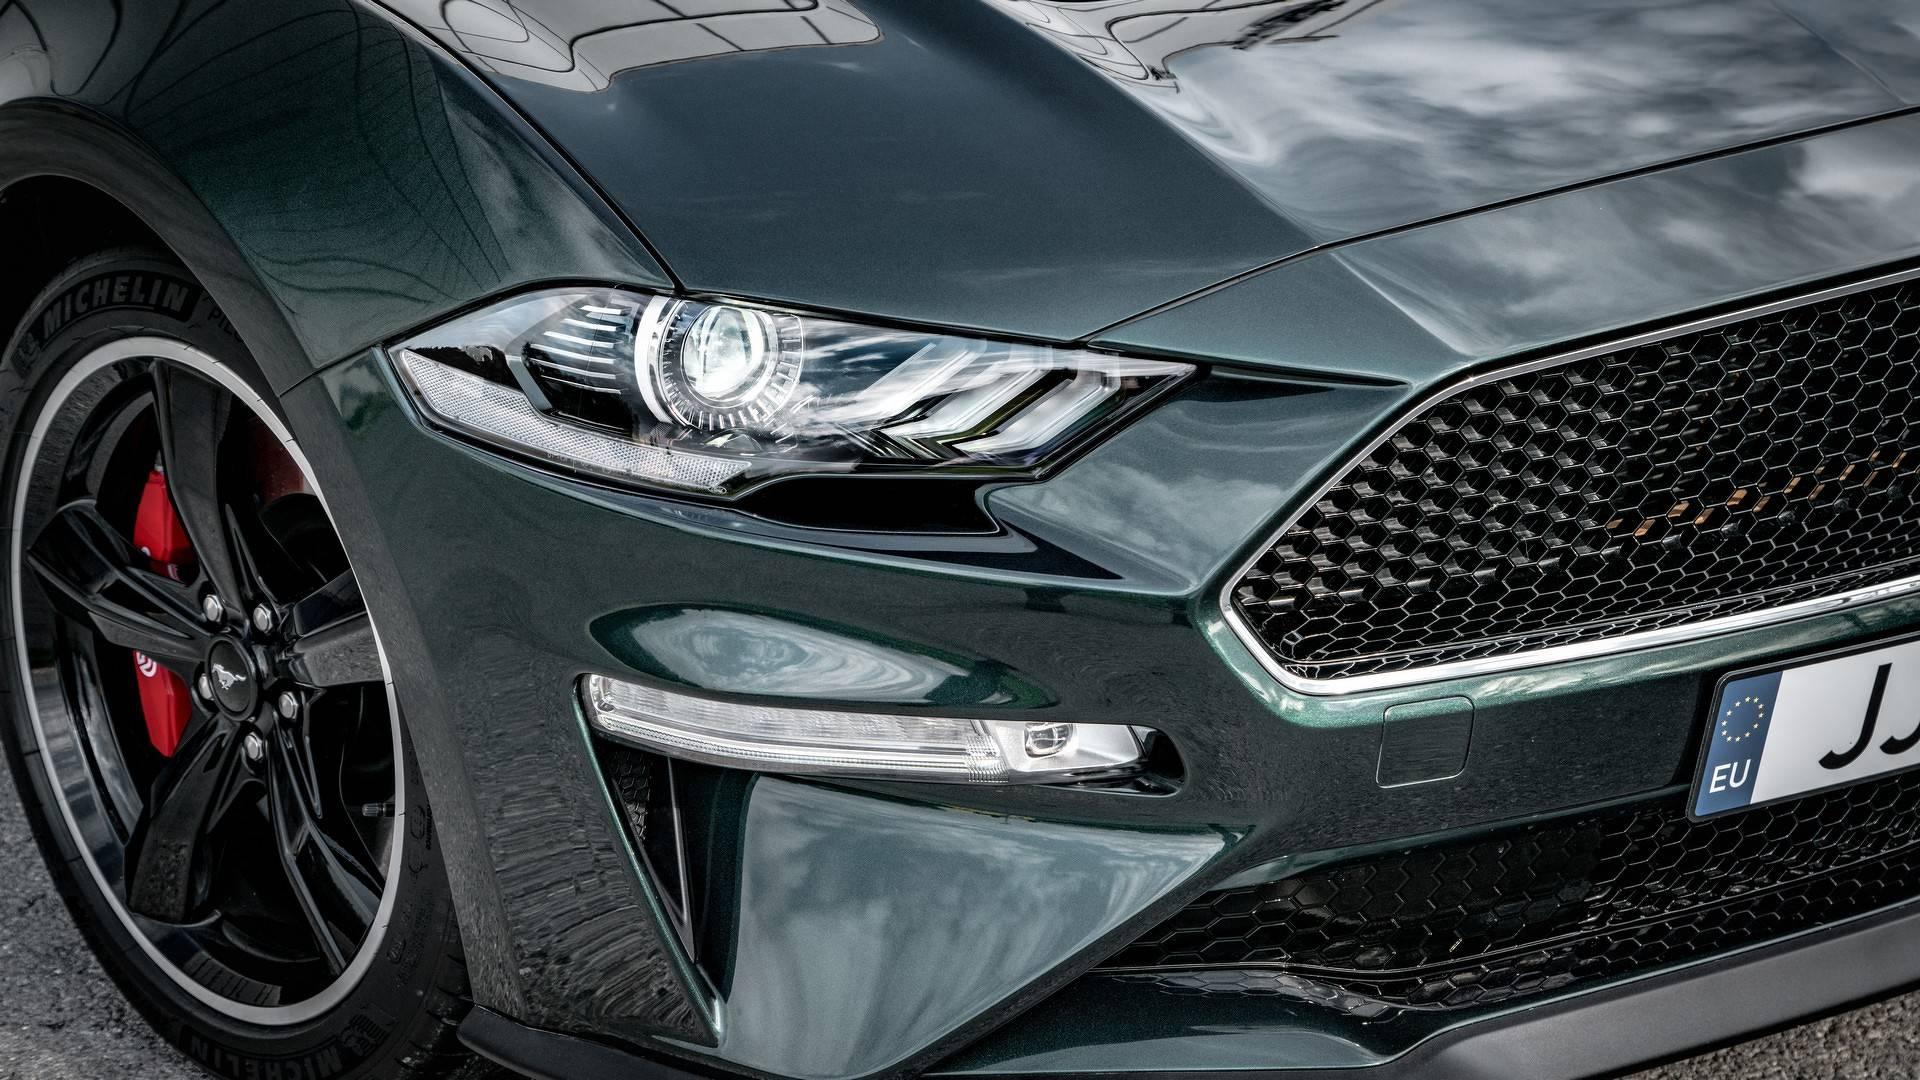 2019-ford-mustang-bullitt-euro-spec (8).jpg